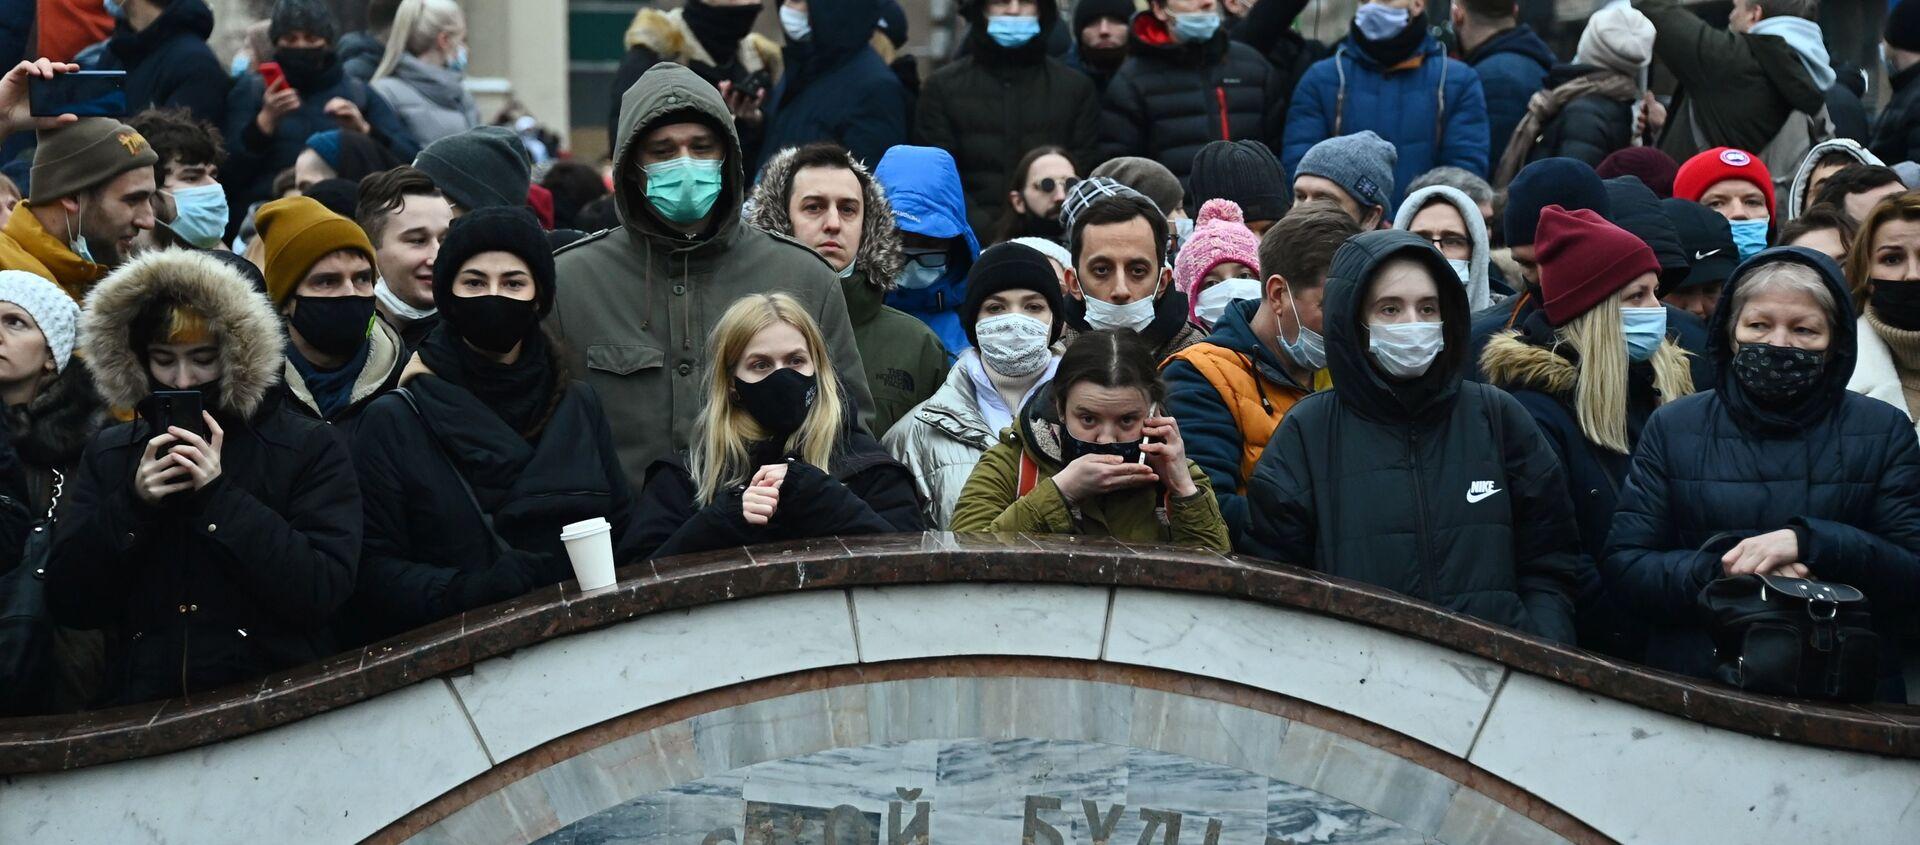 Участники несанкционированной акции сторонников Алексея Навального на Пушкинской площади в Москве - Sputnik Грузия, 1920, 11.02.2021